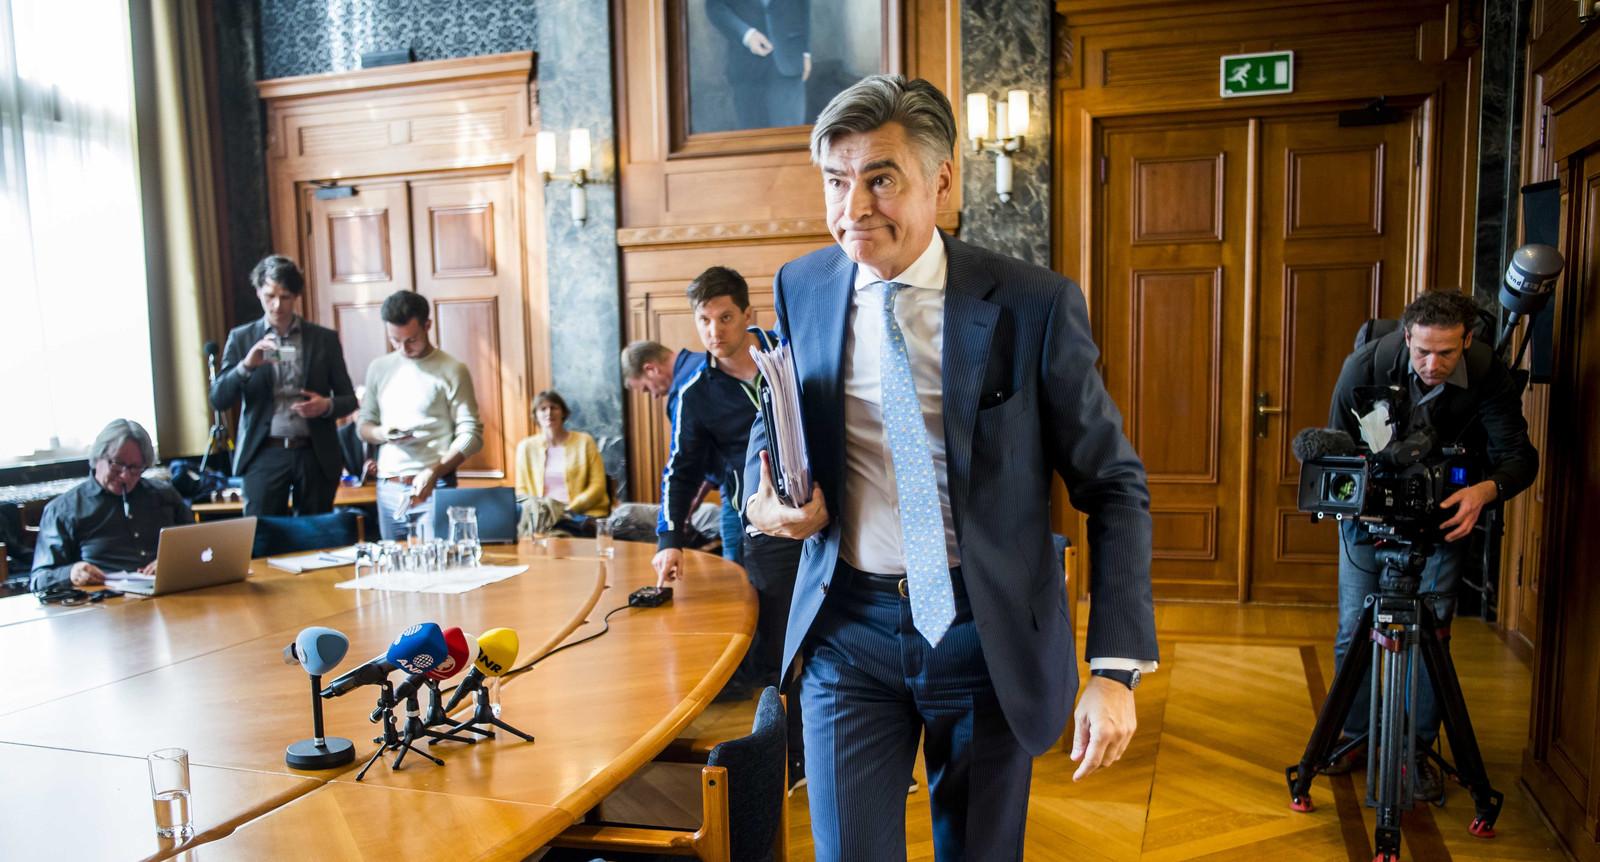 De Rotterdamse wethouder Adriaan Visser (Financiën, D66) is voorzitter van de Aandeelhouderscommissie van Eneco. Hij ligt op ramkoers met de Eneco-directie en ondernemingsraad